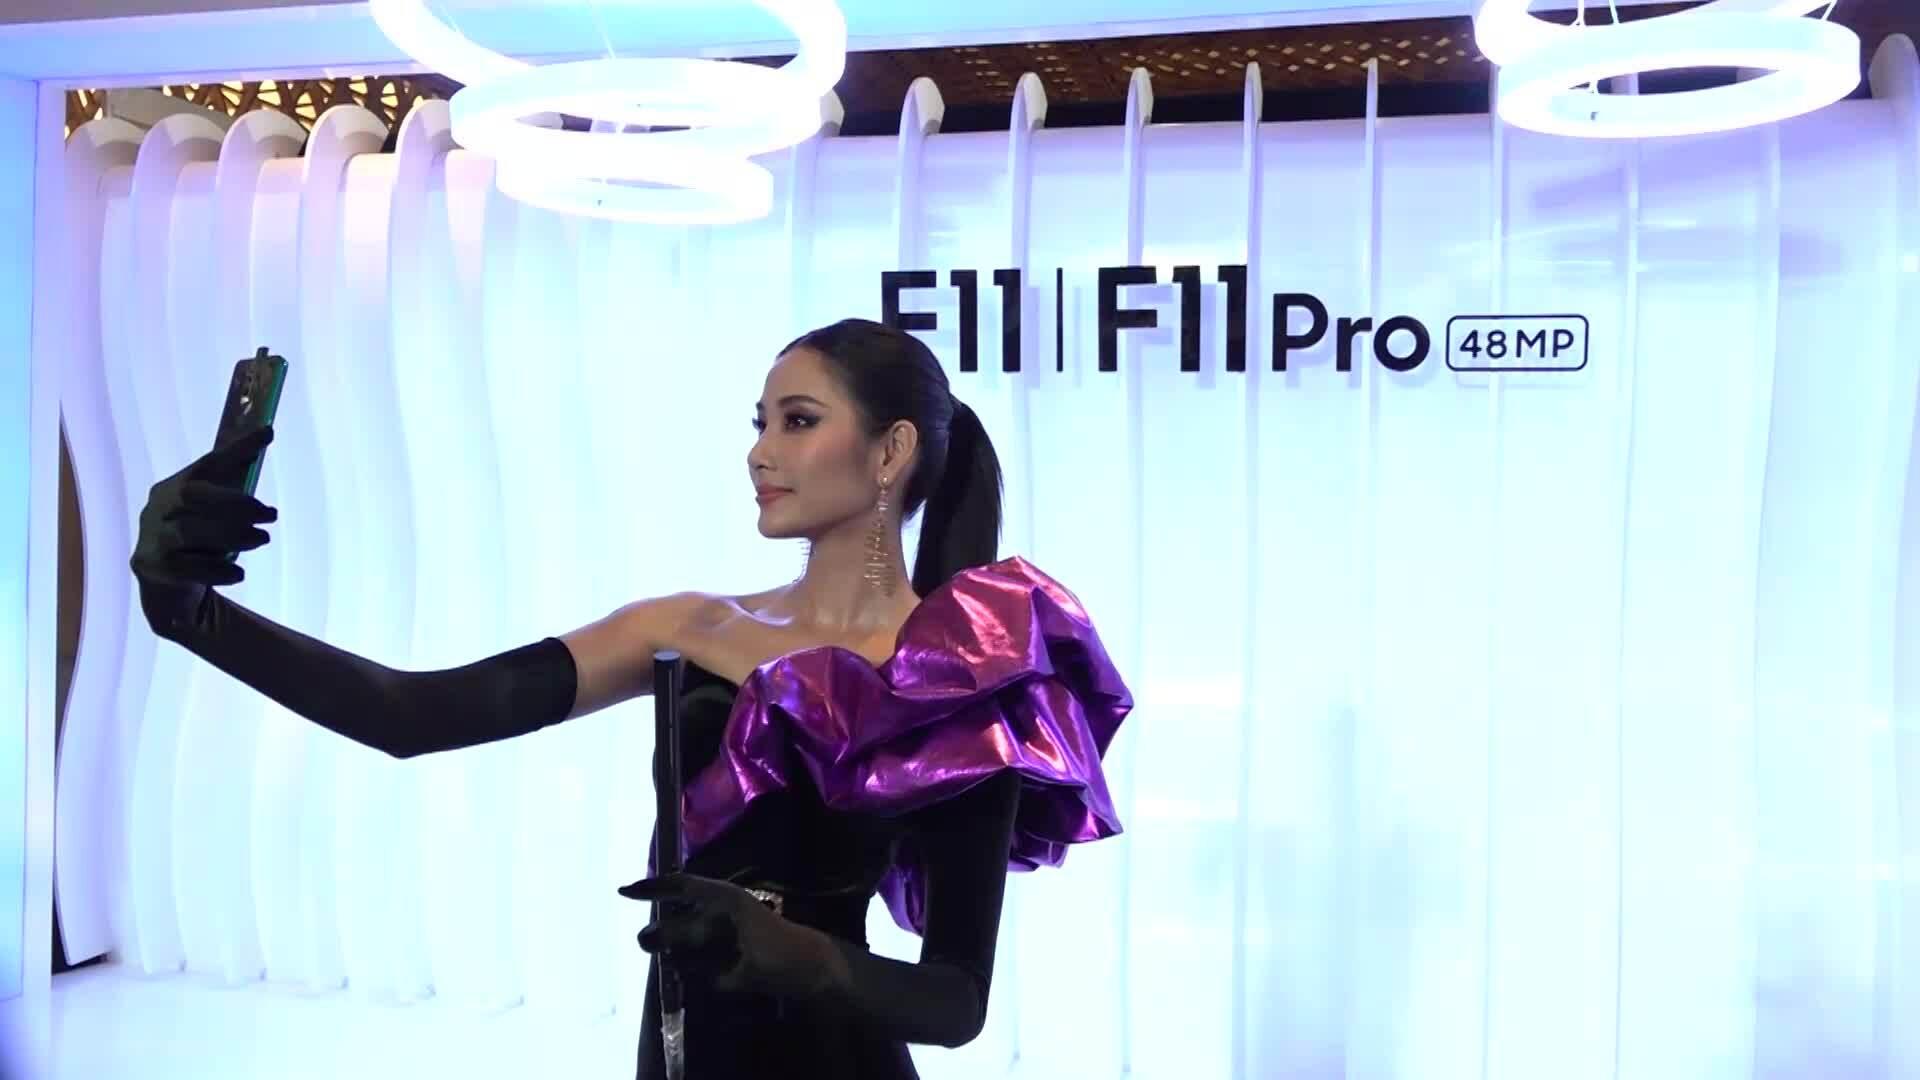 Lý do sao Việt ưa chuộng camera trên Oppo F11 Pro